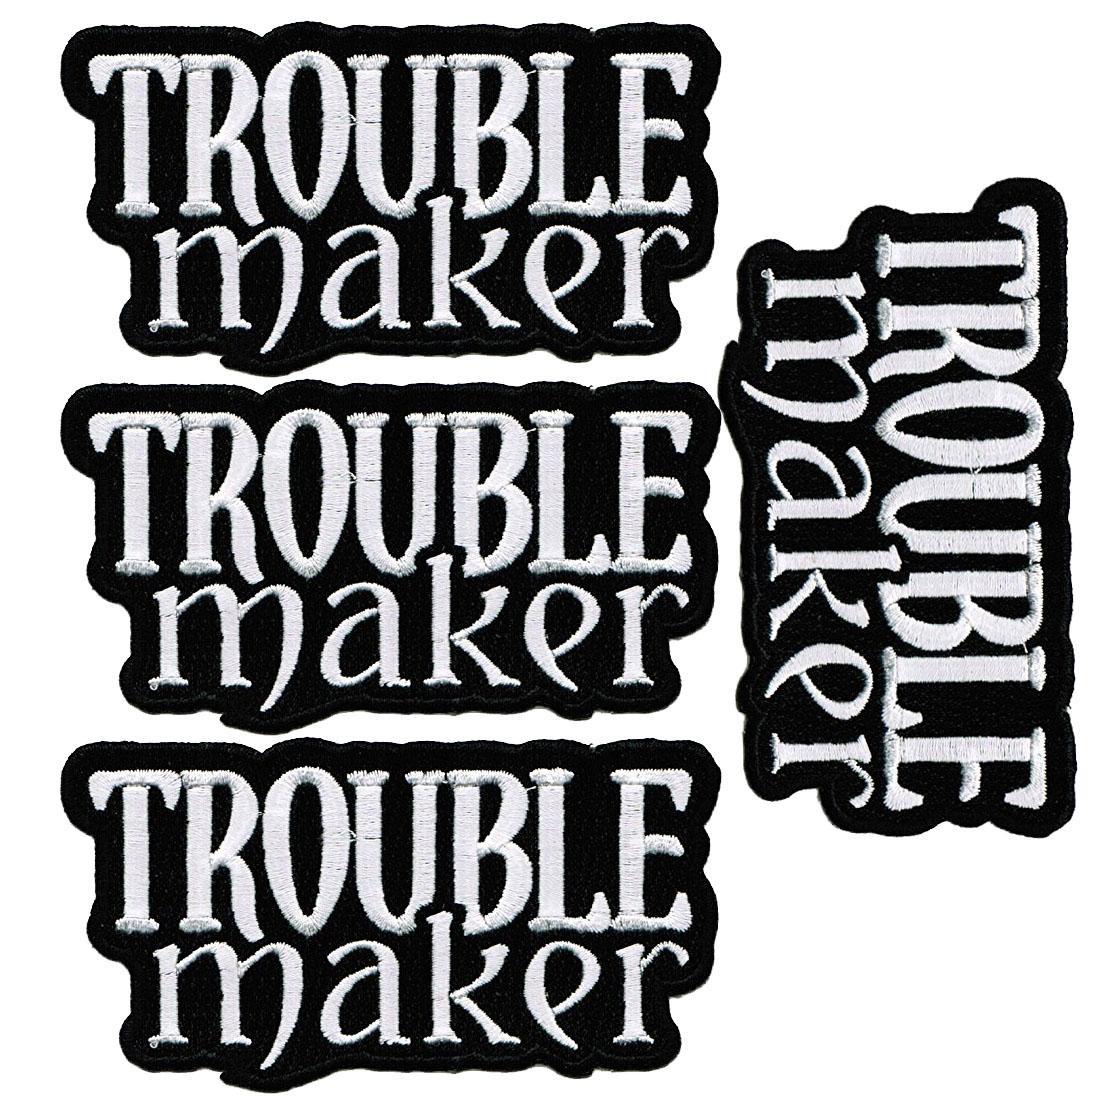 트러블 메이커 패치로 저렴한 가격에 수 놓은 반란군 철로 위험한 로고 무료 배송